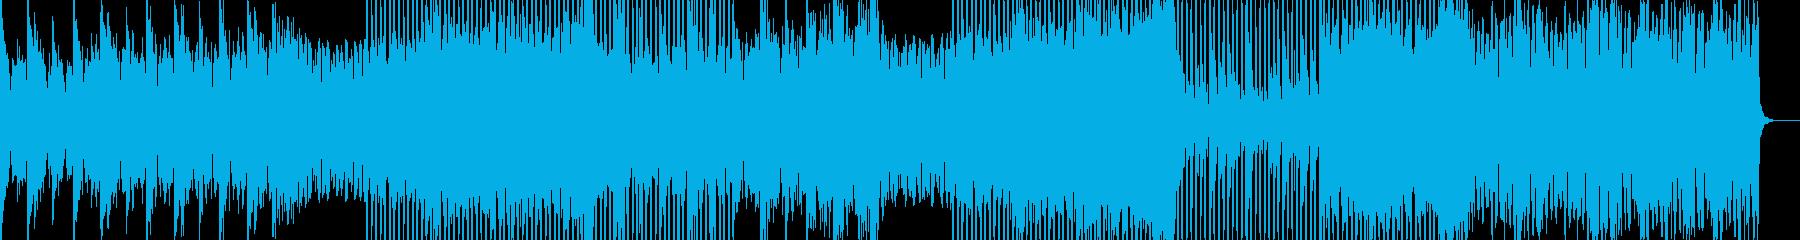 お洒落系のEDMの再生済みの波形